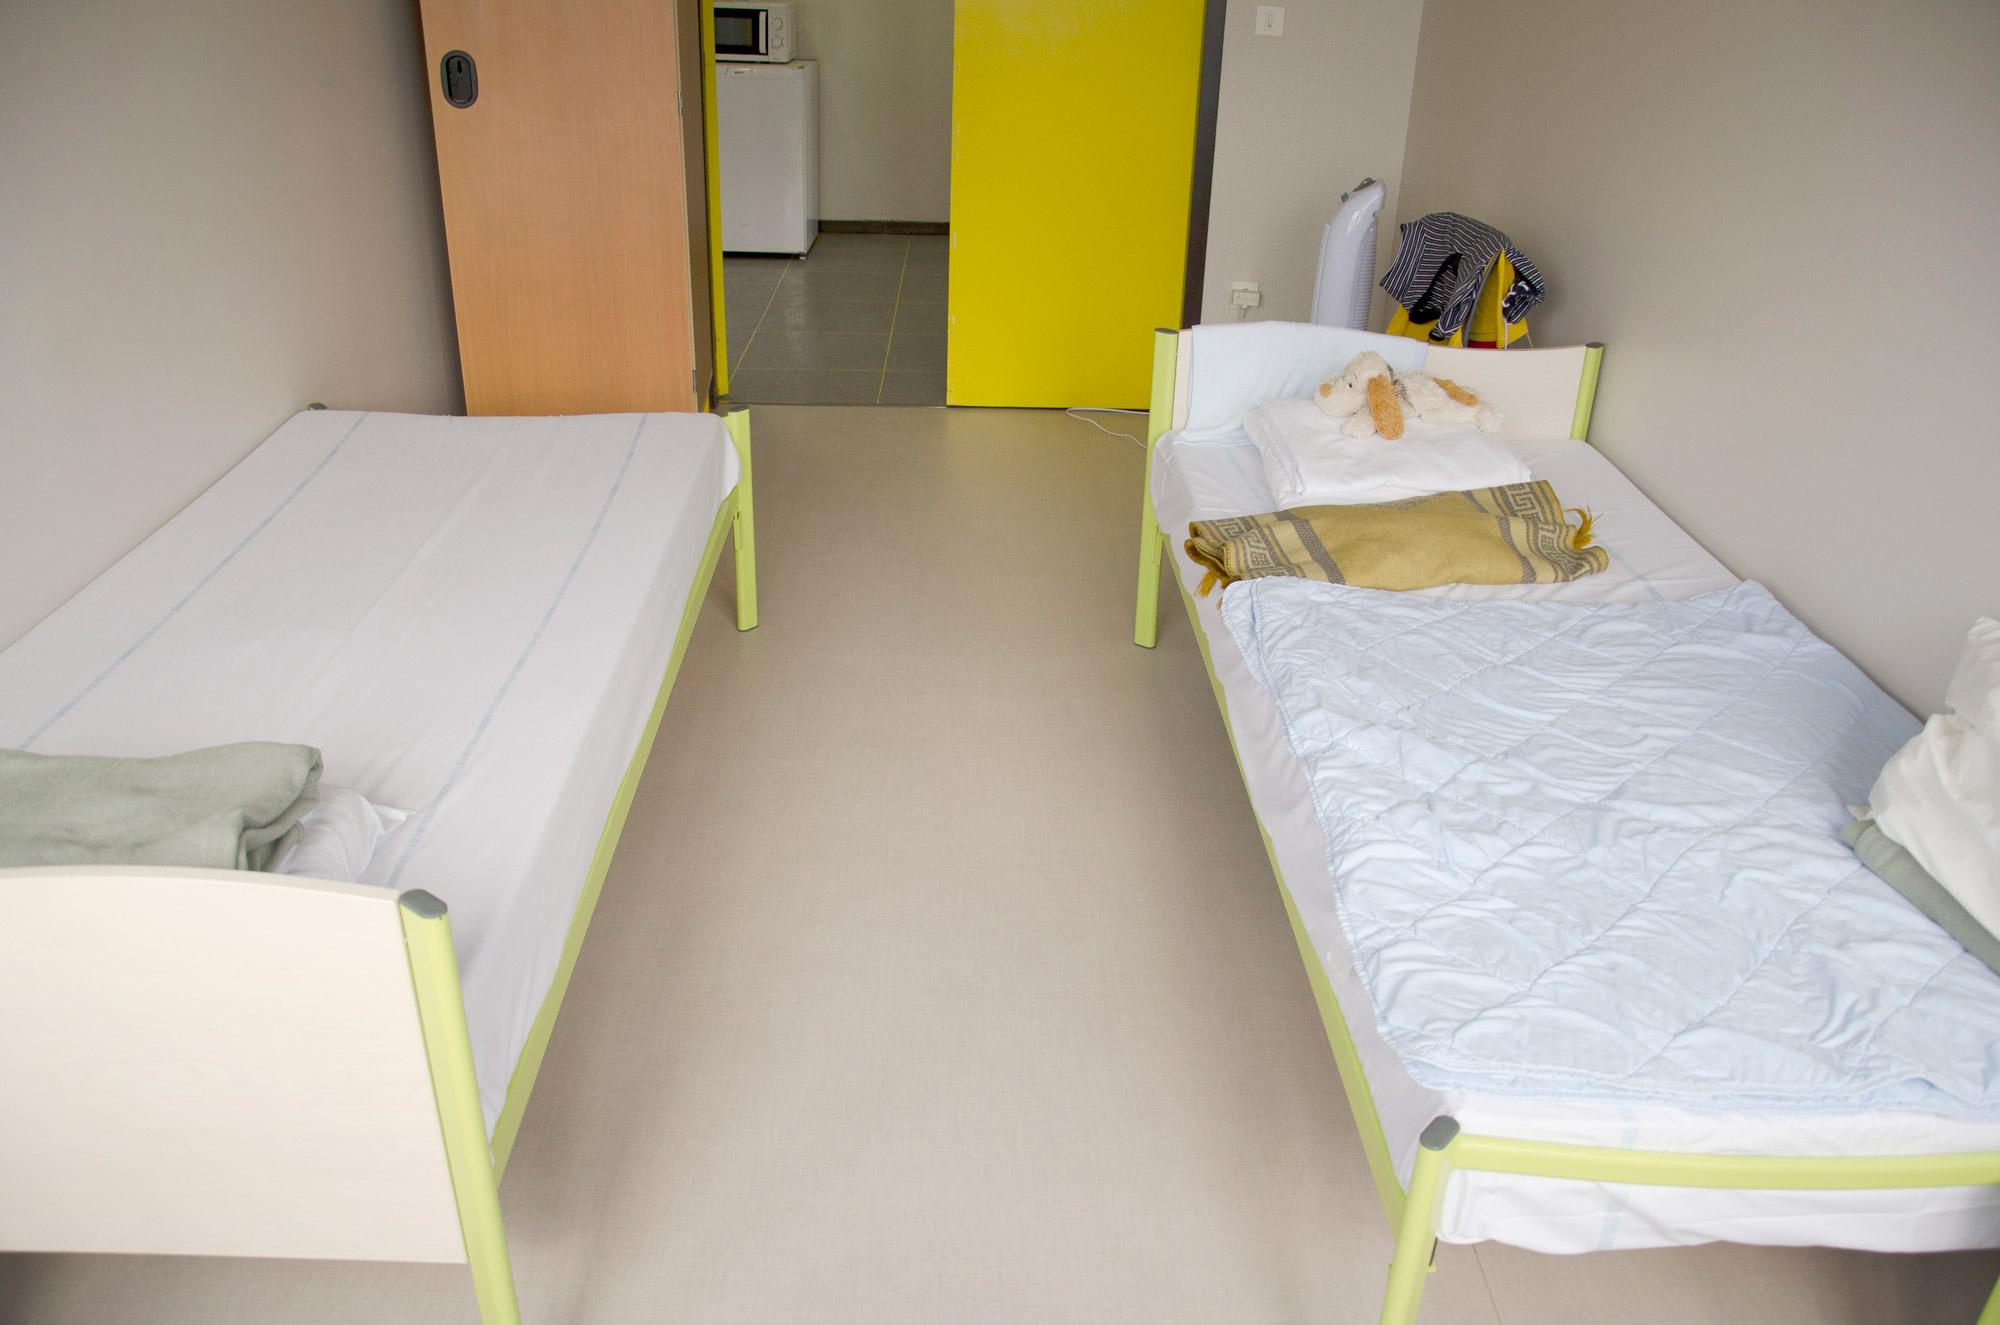 Centre d'hébergement d'urgence, rue Alsace Lorraine à Montauban - Relience 82